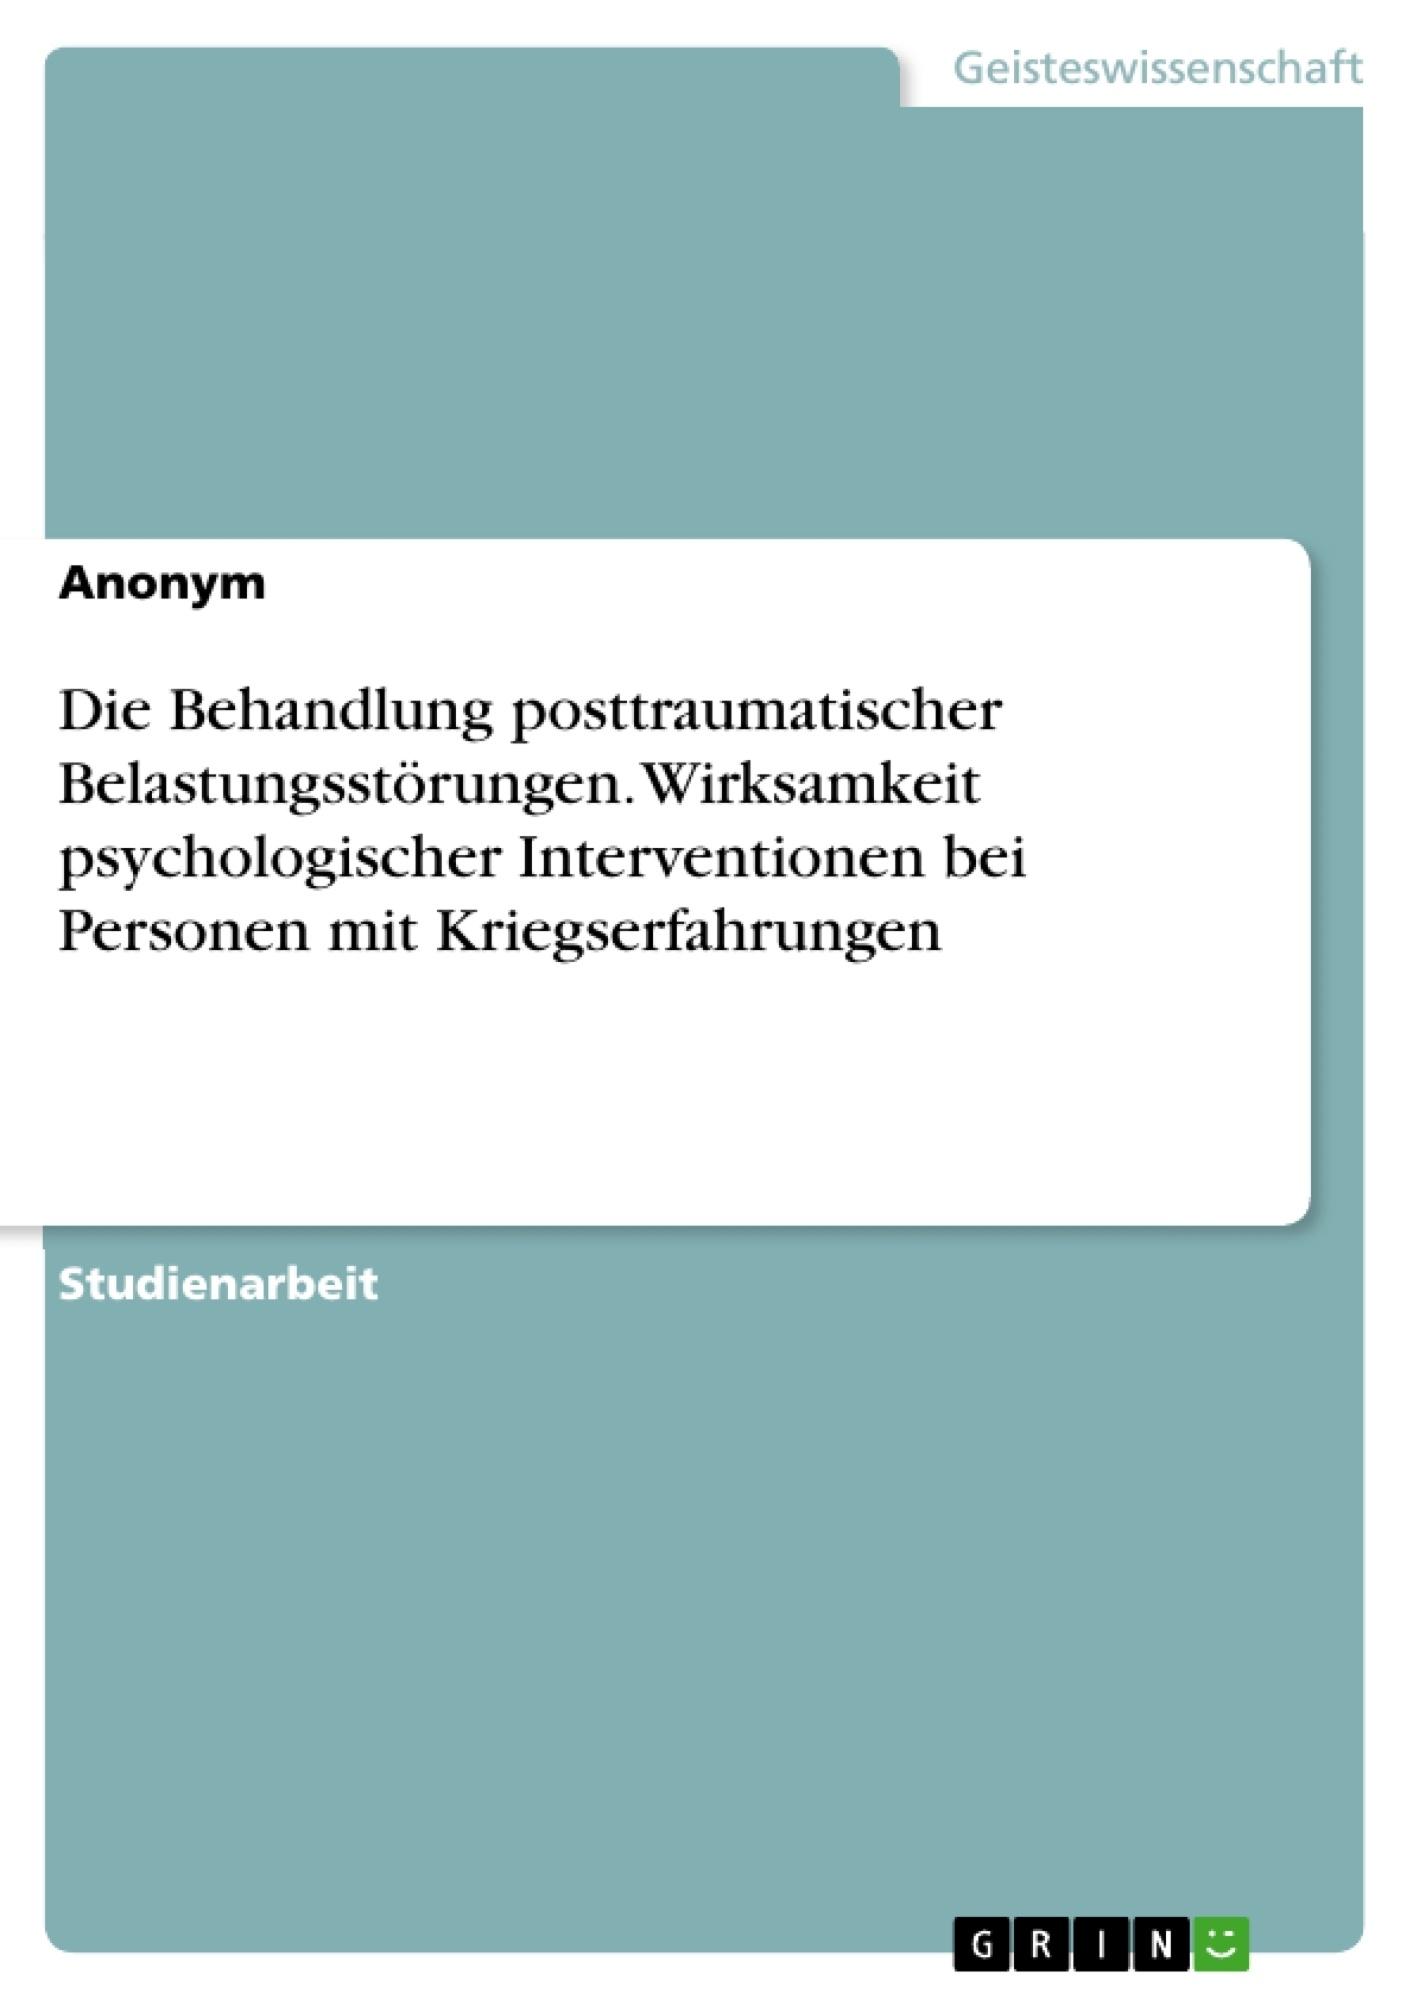 Titel: Die Behandlung posttraumatischer Belastungsstörungen. Wirksamkeit psychologischer Interventionen bei Personen mit Kriegserfahrungen